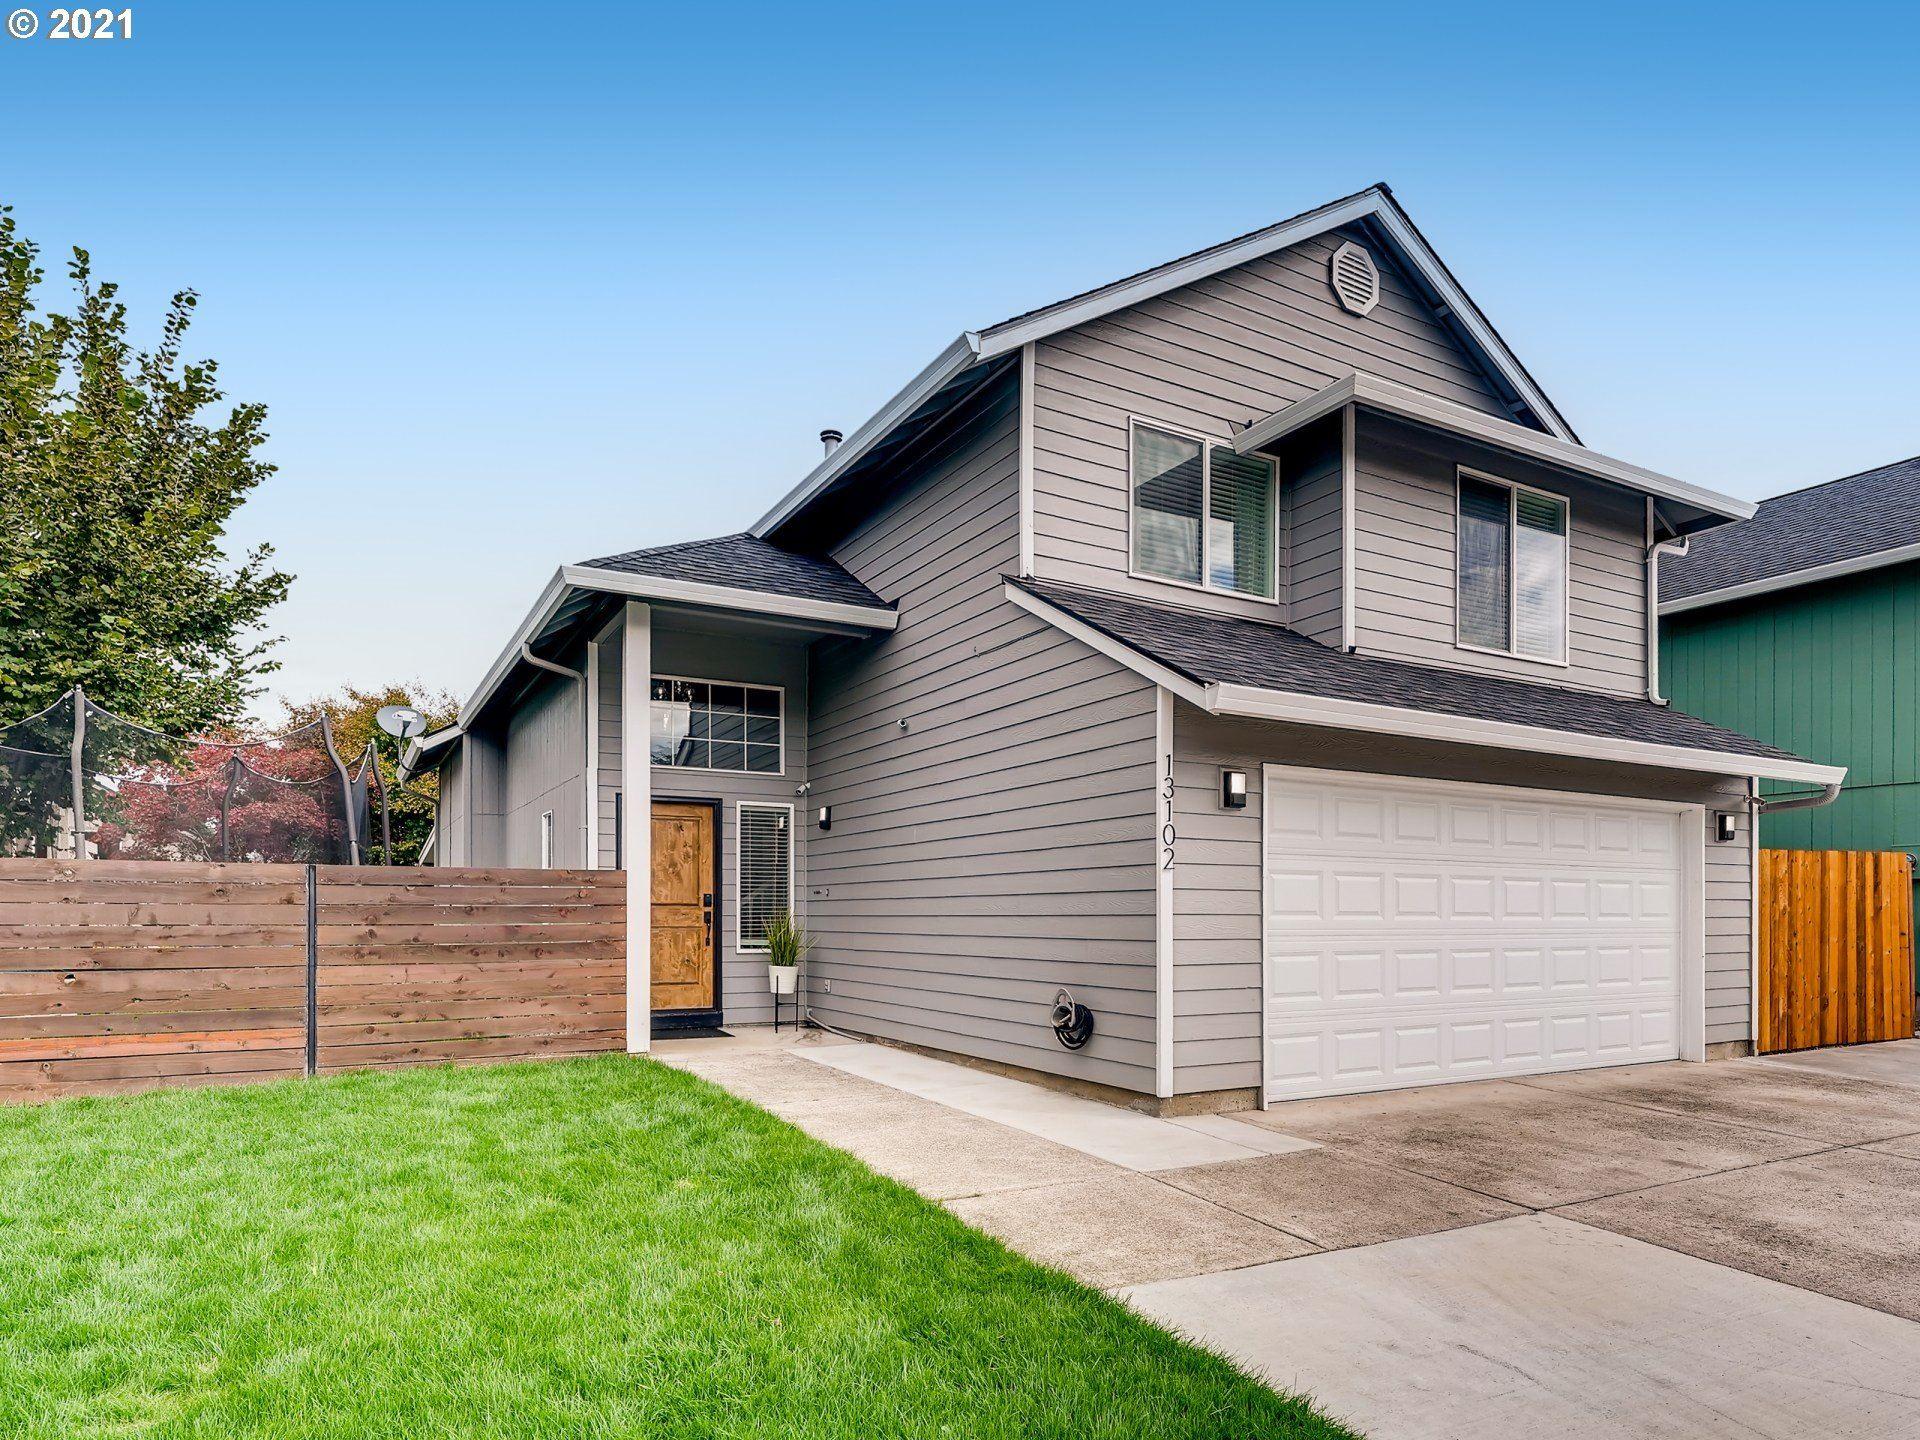 13102 NE 37TH ST, Vancouver, WA 98682 - MLS#: 21160320